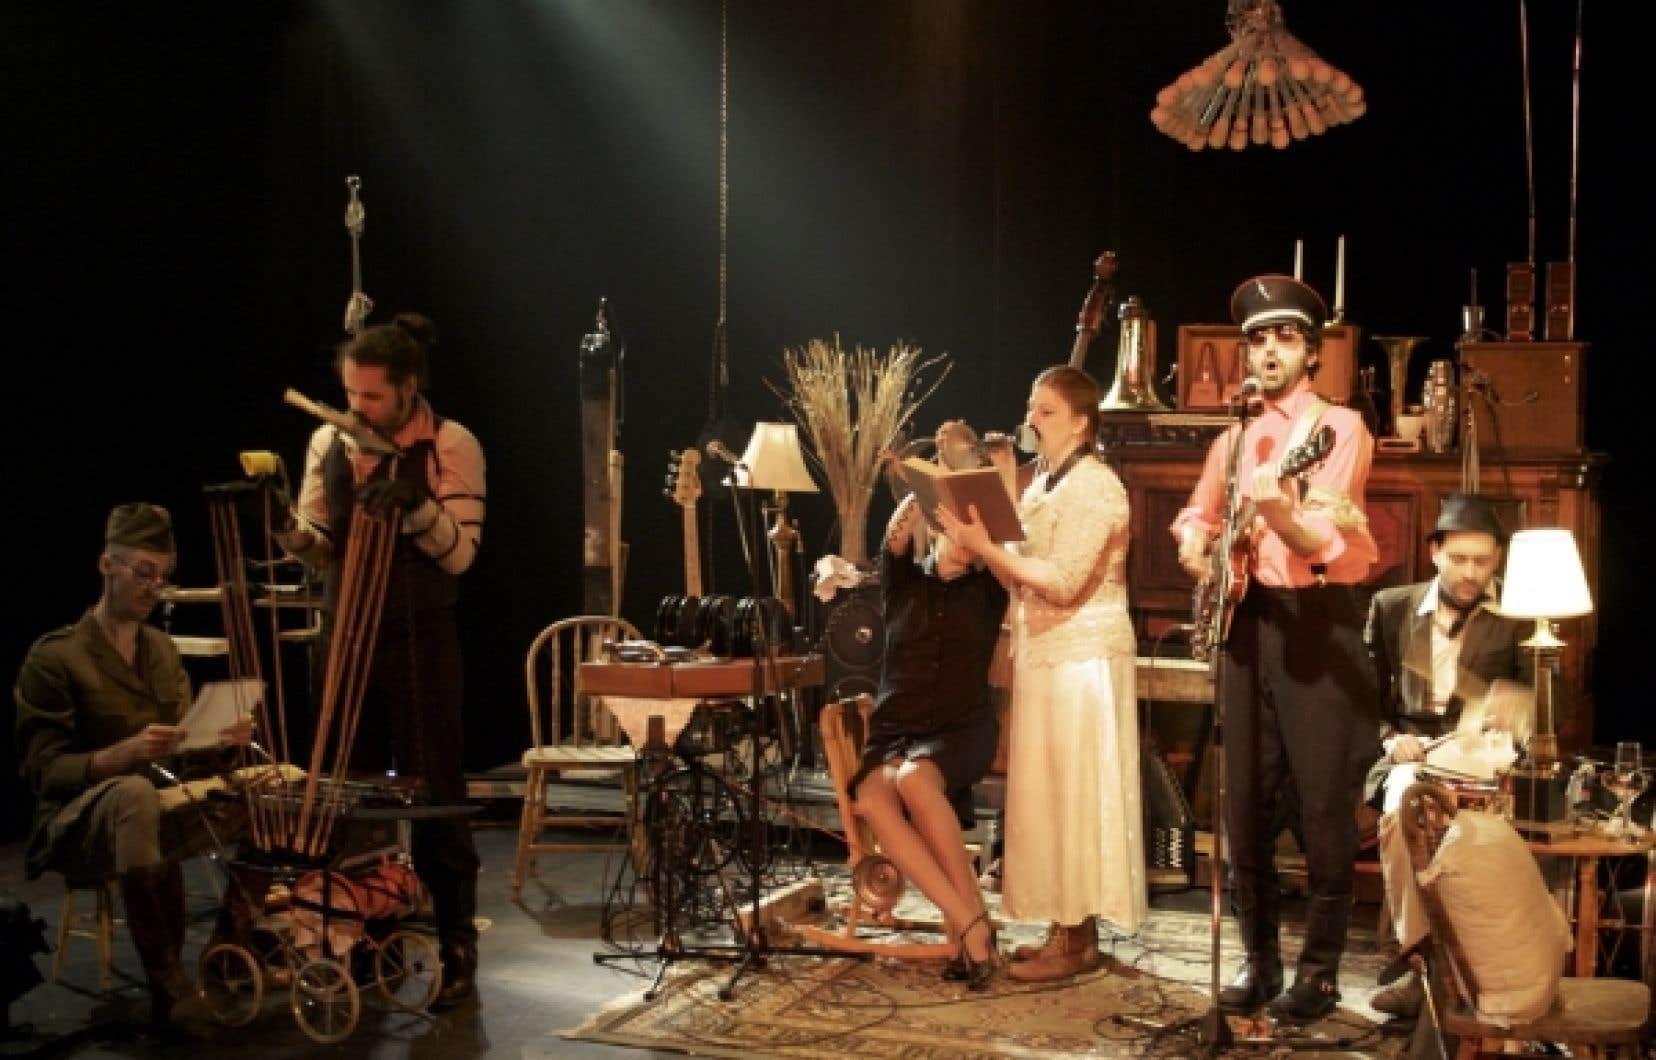 L&rsquo;Orchestre d&rsquo;Hommes-Orchestres<br />